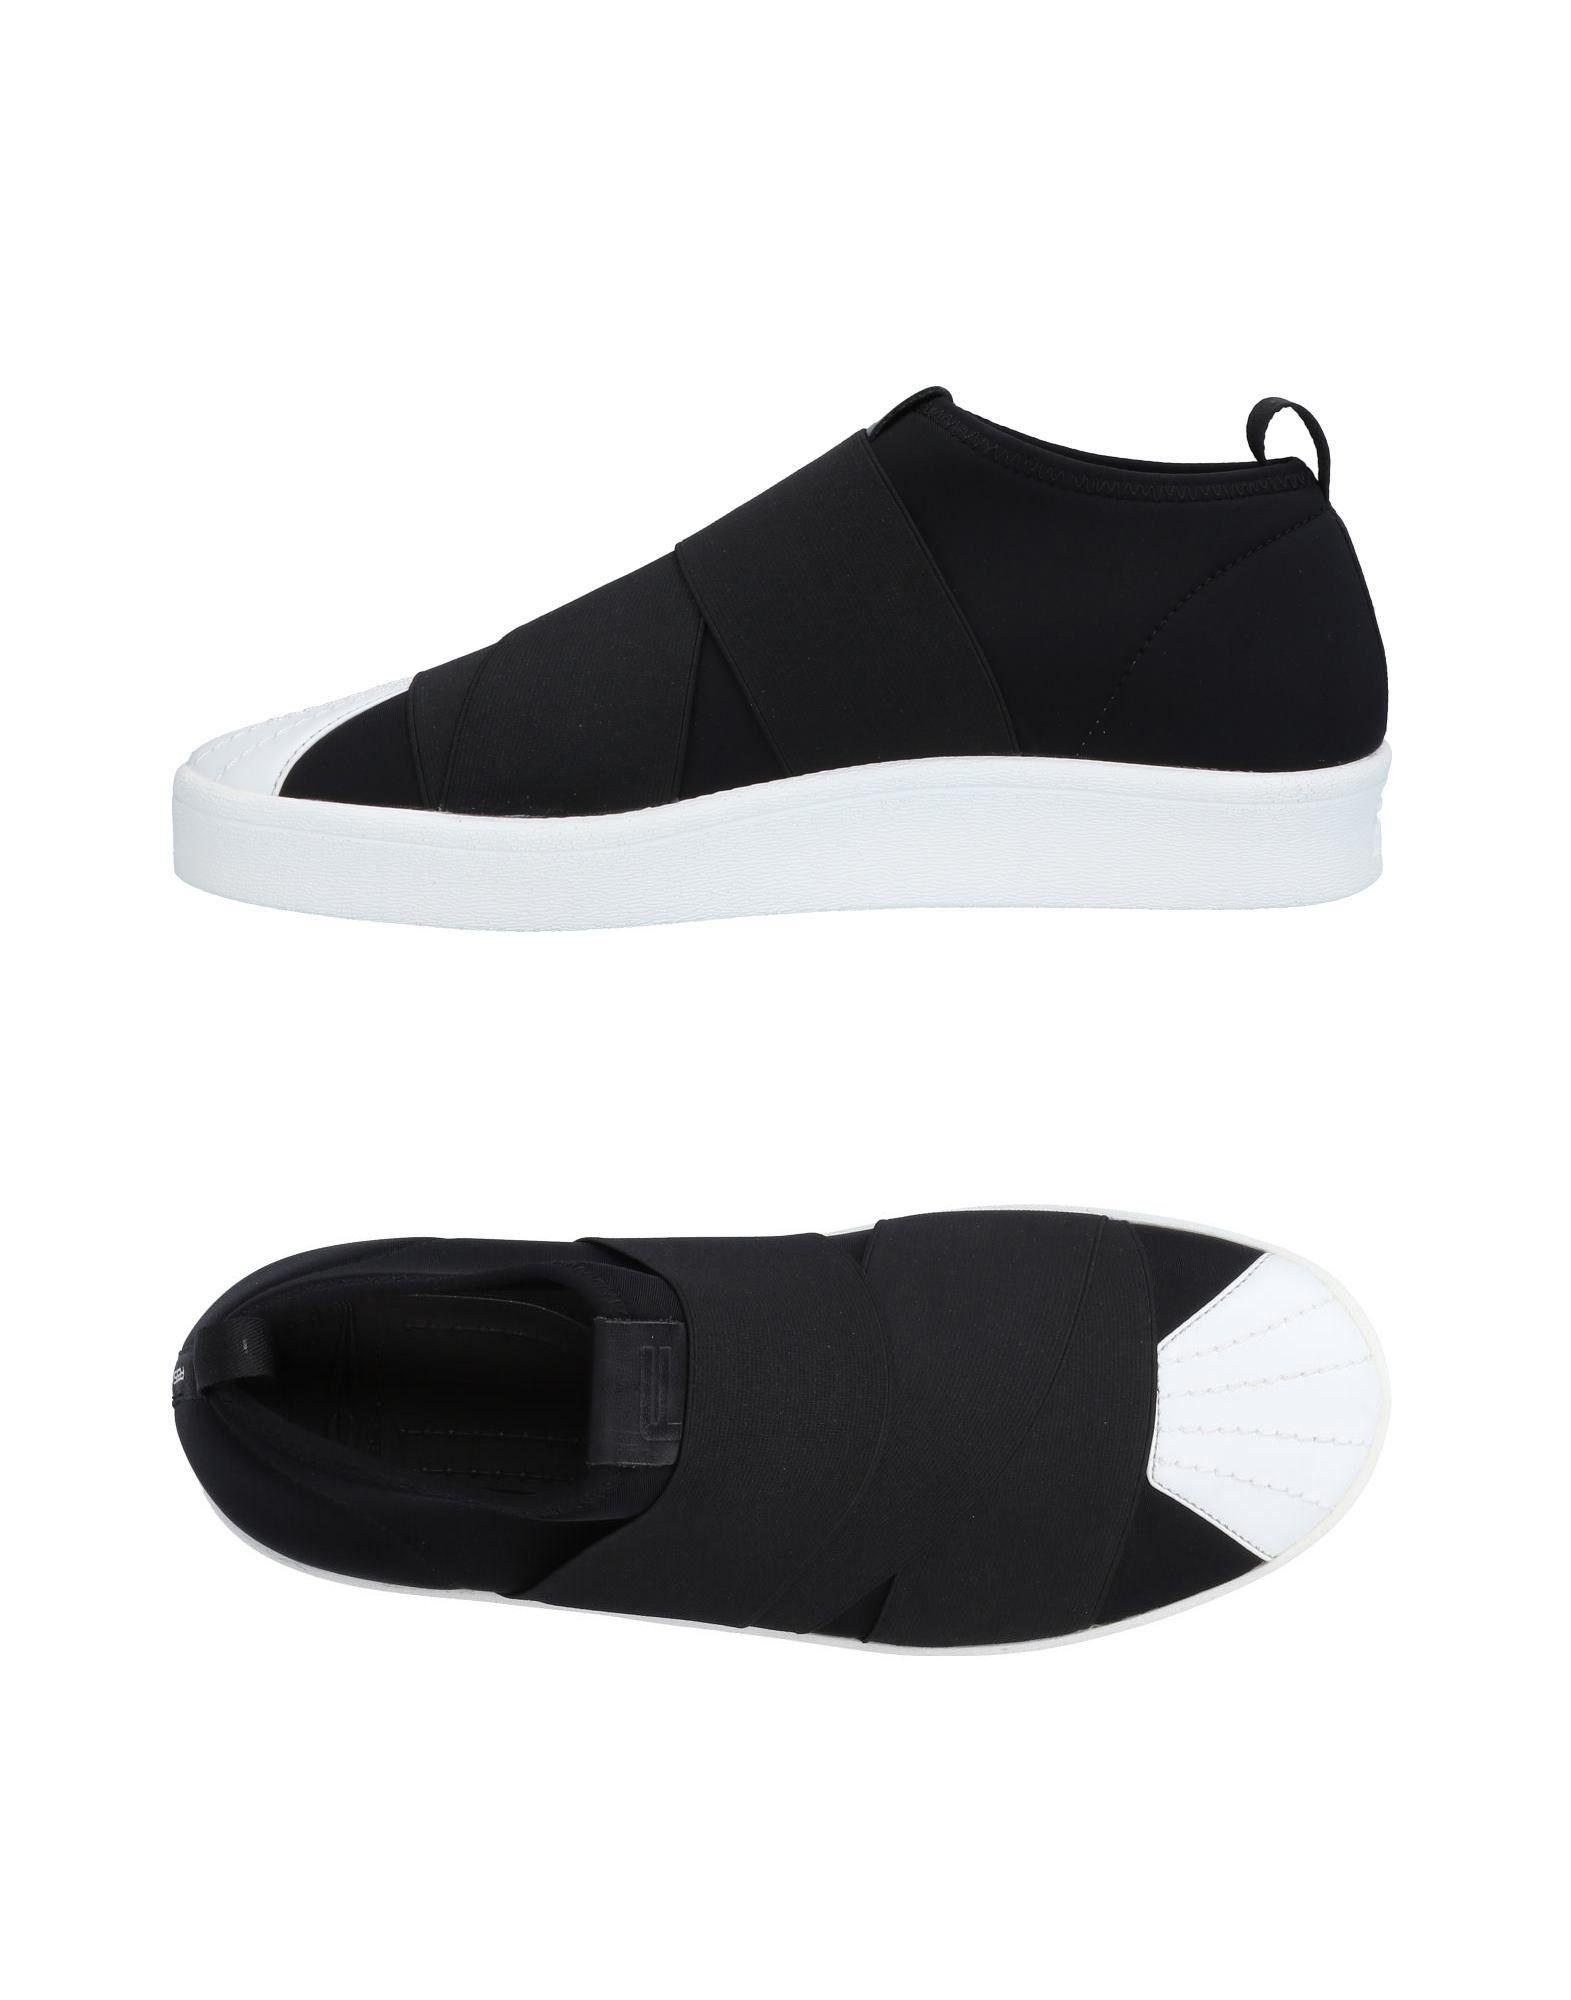 Sneakers Fes Noir Les chaussures les plus populaires pour les hommes et les femmes